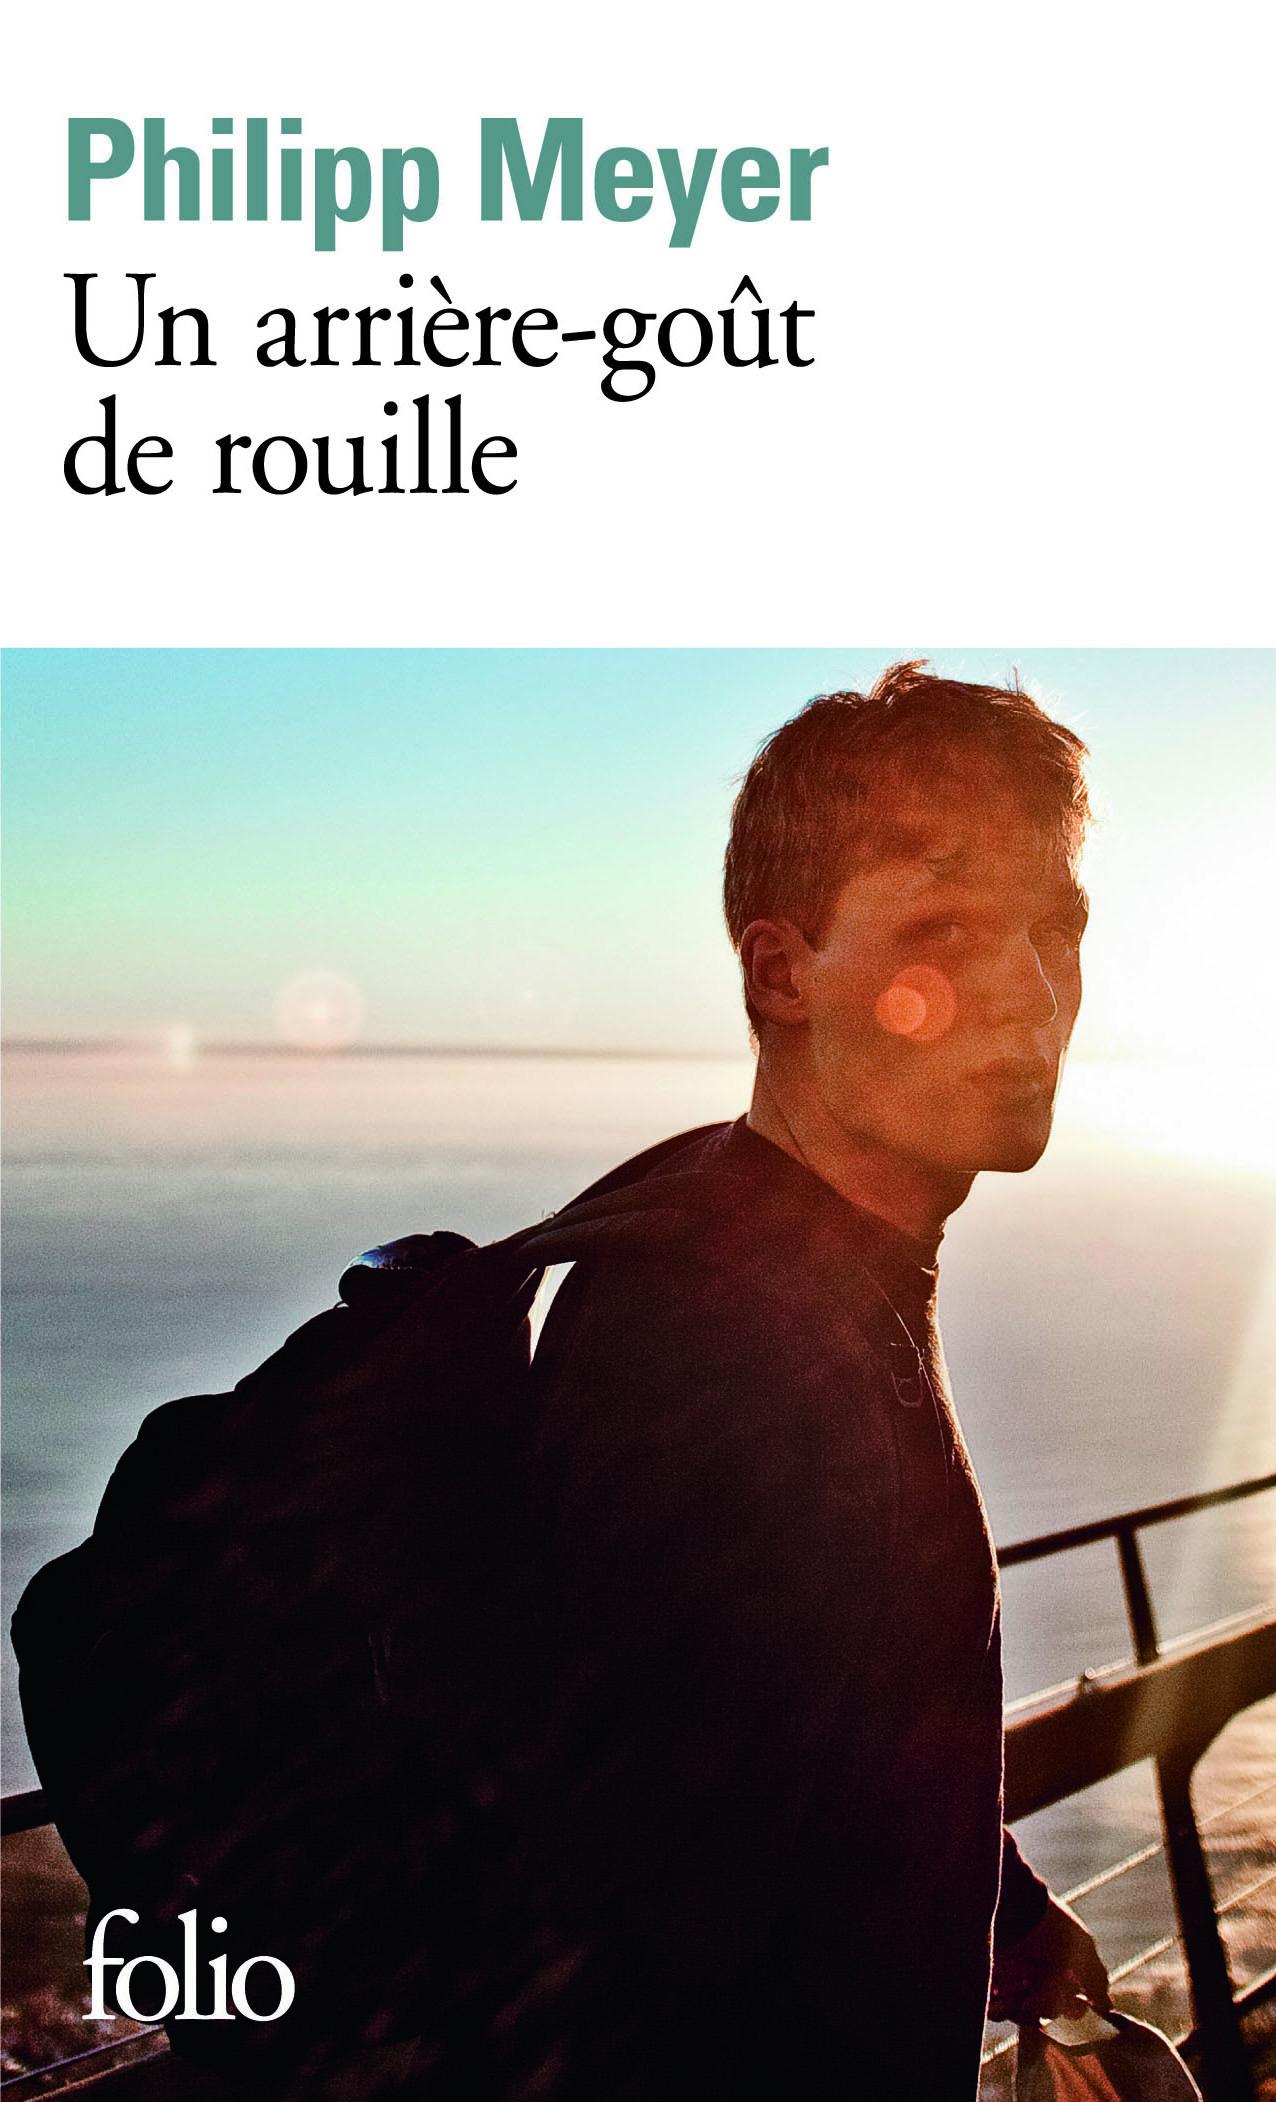 UN ARRIERE GOUT DE ROUILLE